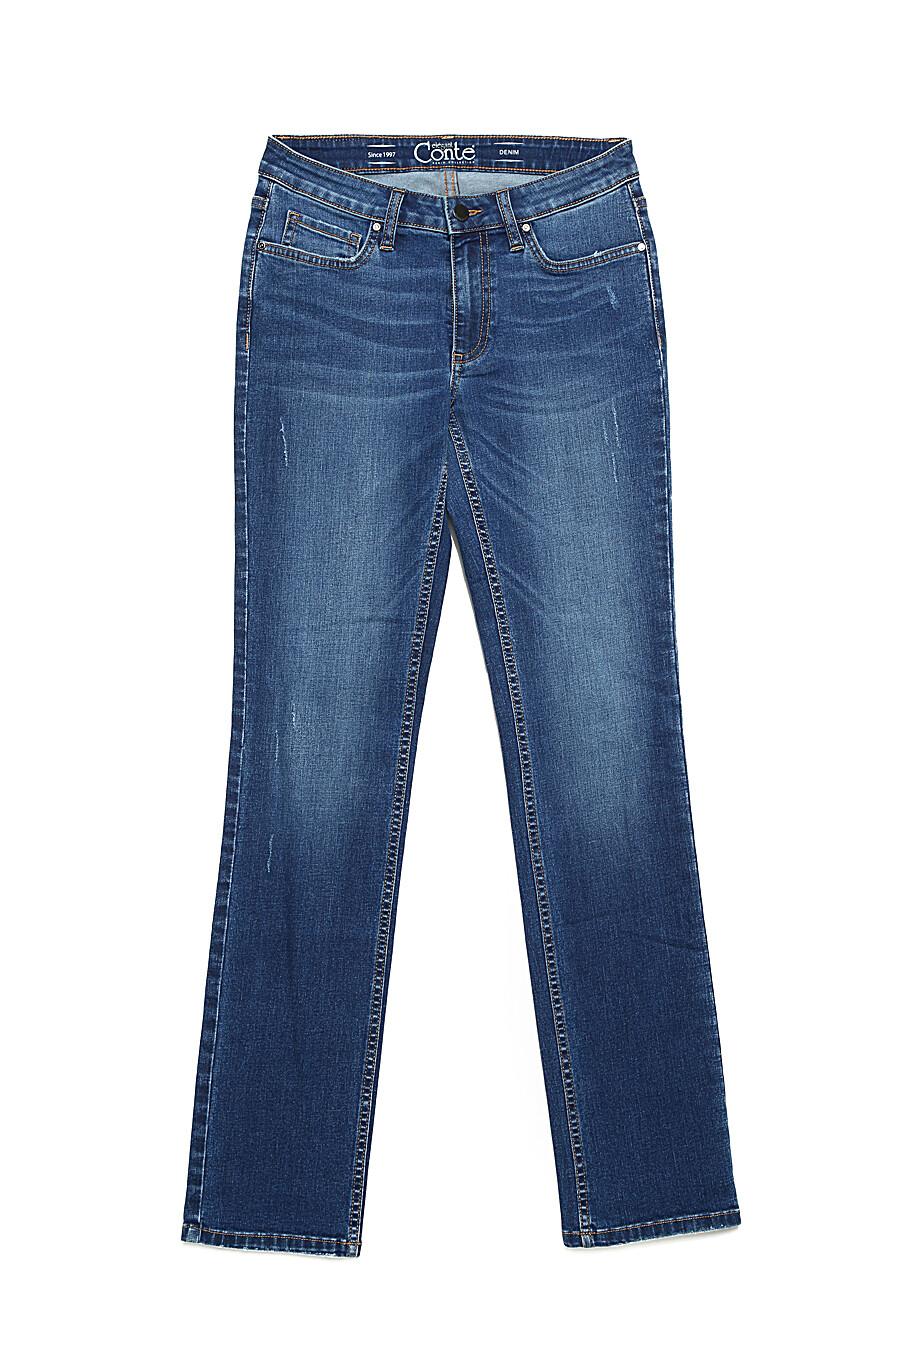 Джинсы для женщин CONTE ELEGANT 148323 купить оптом от производителя. Совместная покупка женской одежды в OptMoyo